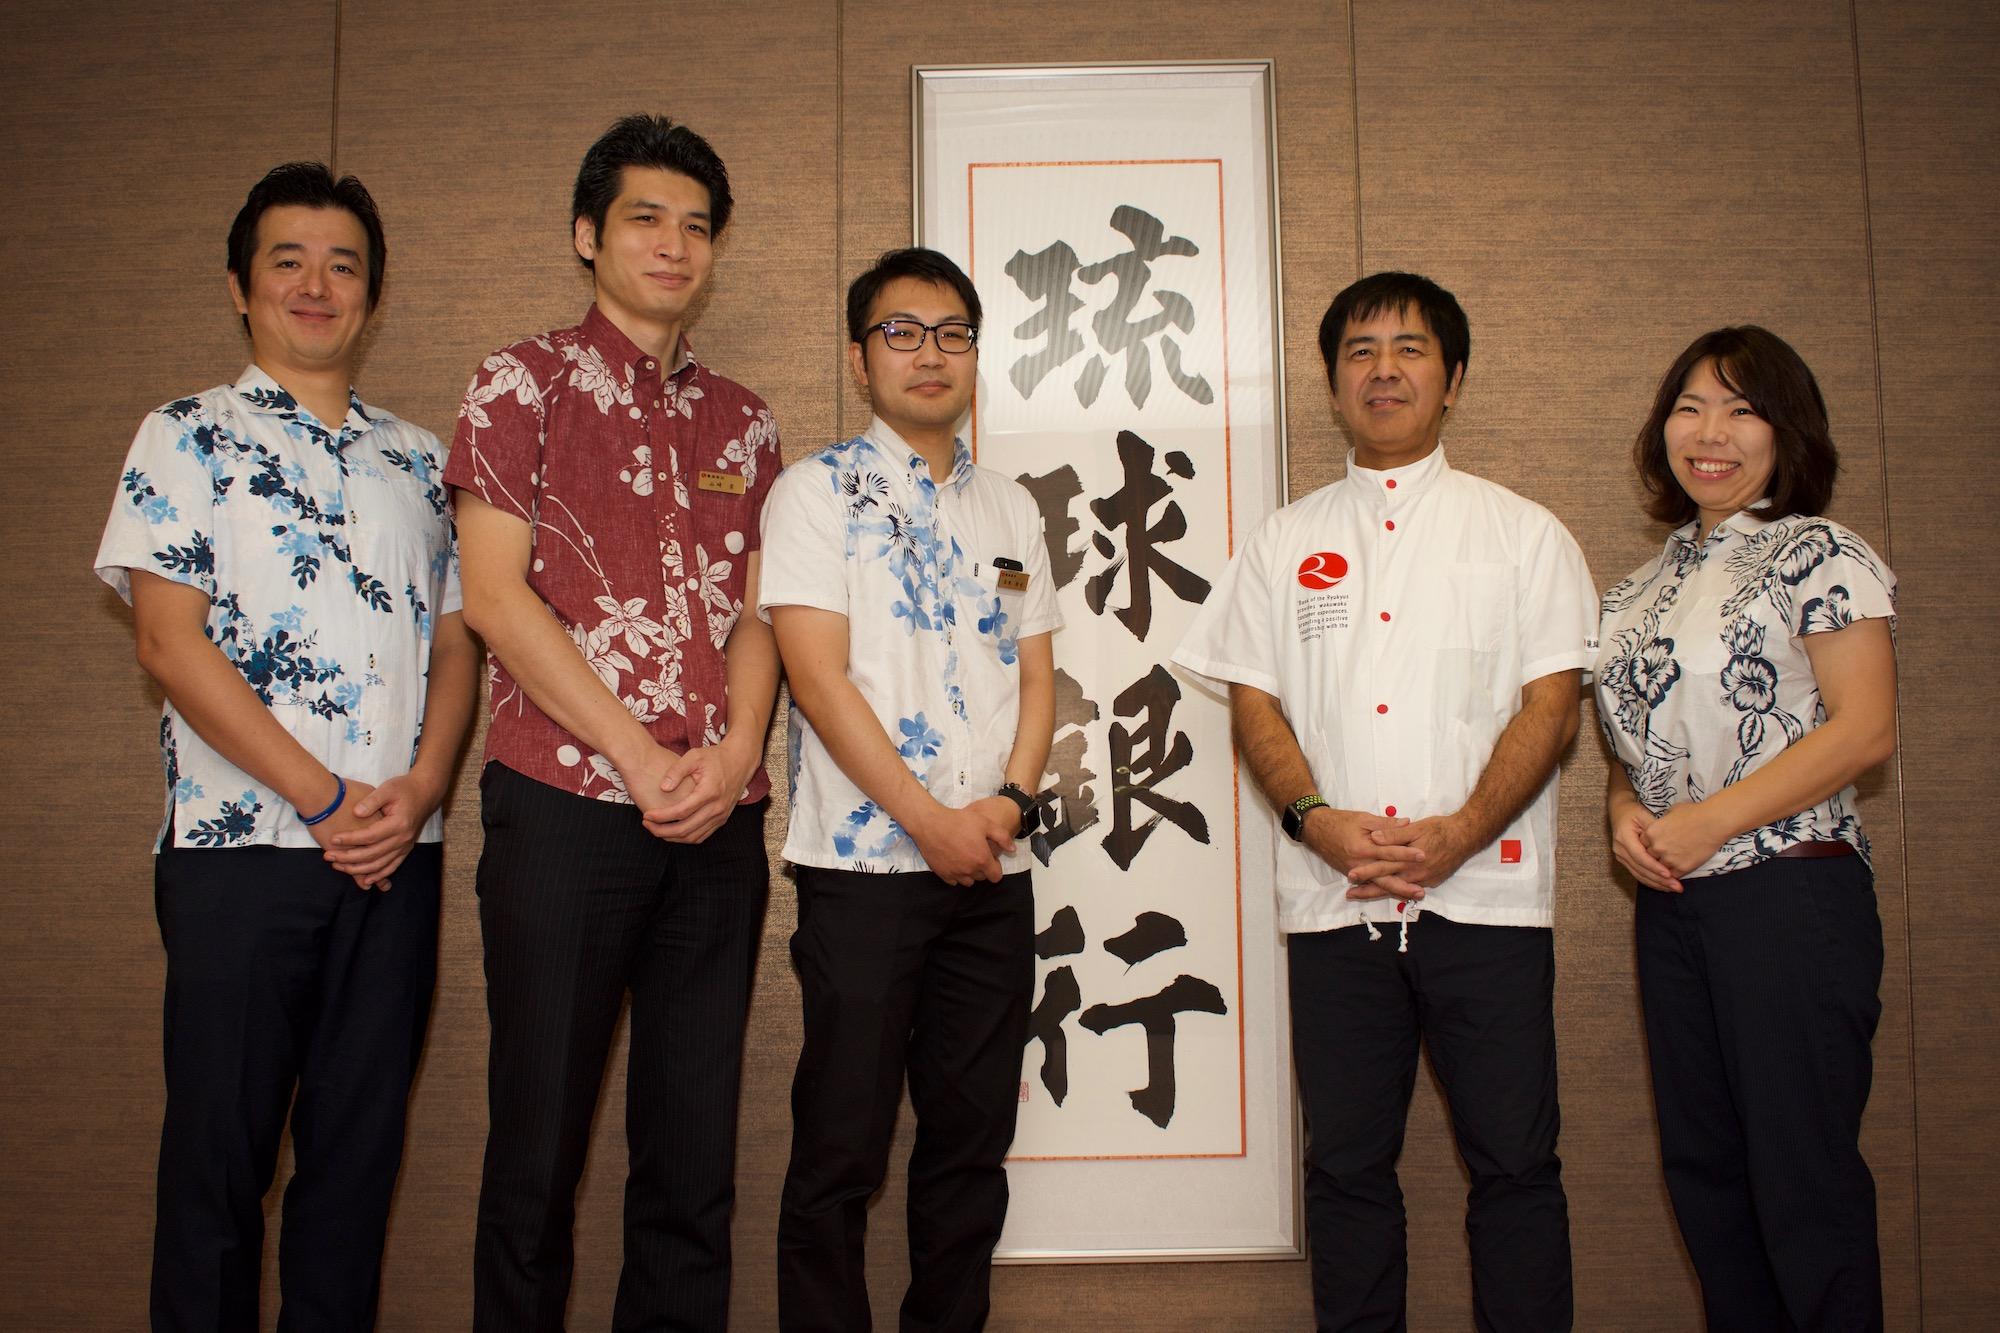 サーバーワークス、琉球銀行のAWS導入事例を公開